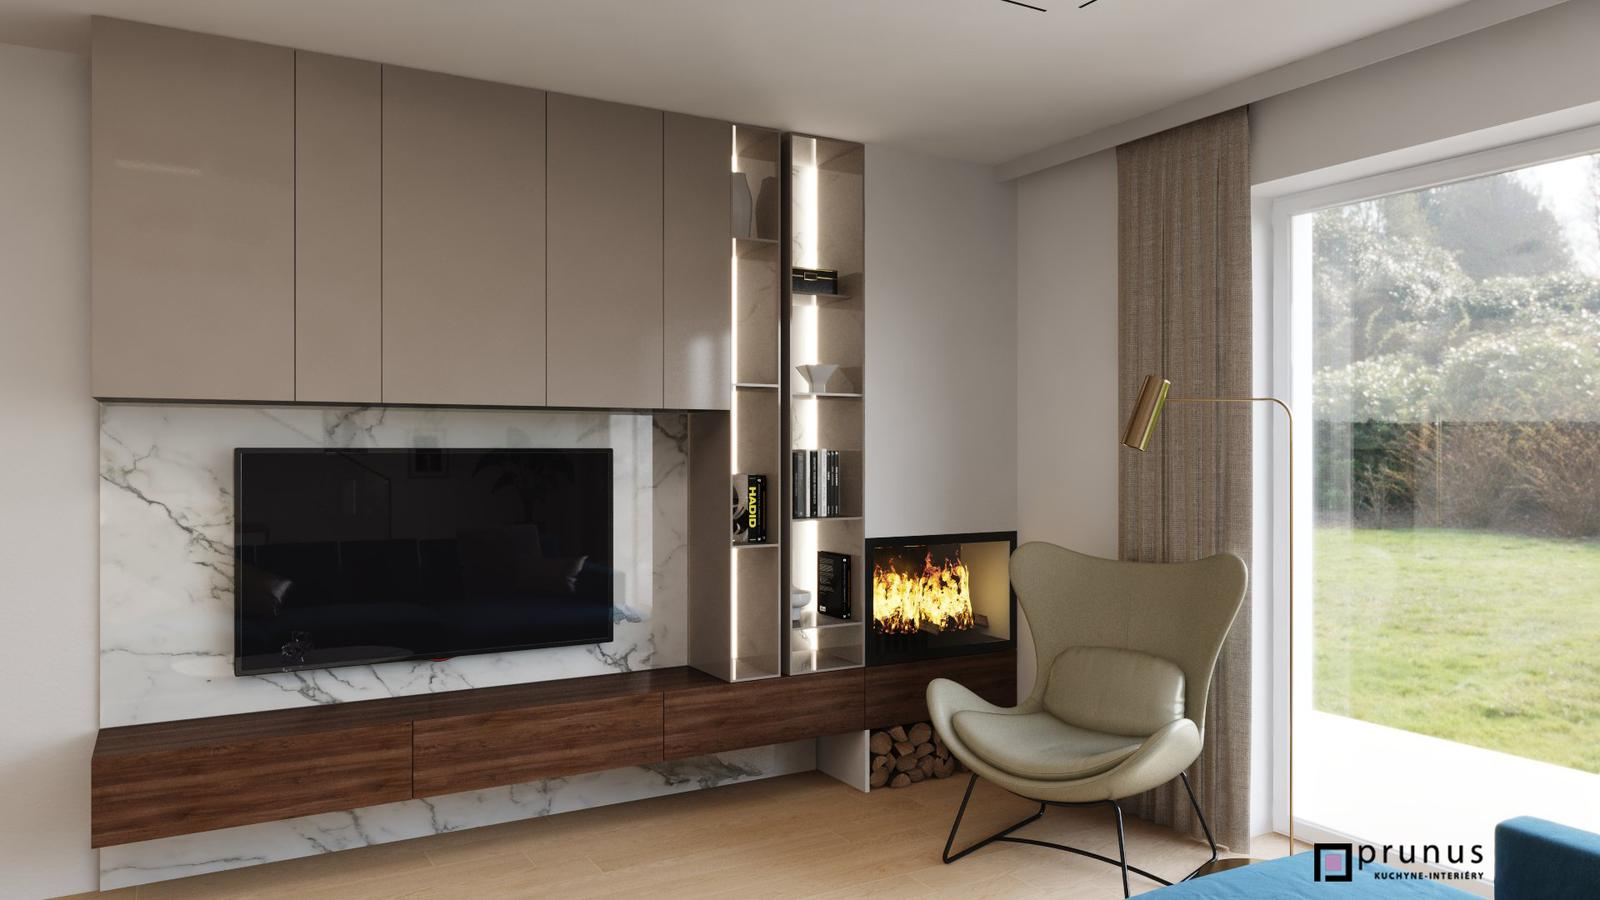 Taliansky elegantný interiér v zemitých farbách - Taliansky elegantný interiér v zemitých farbách I PRUNUS STUDIO